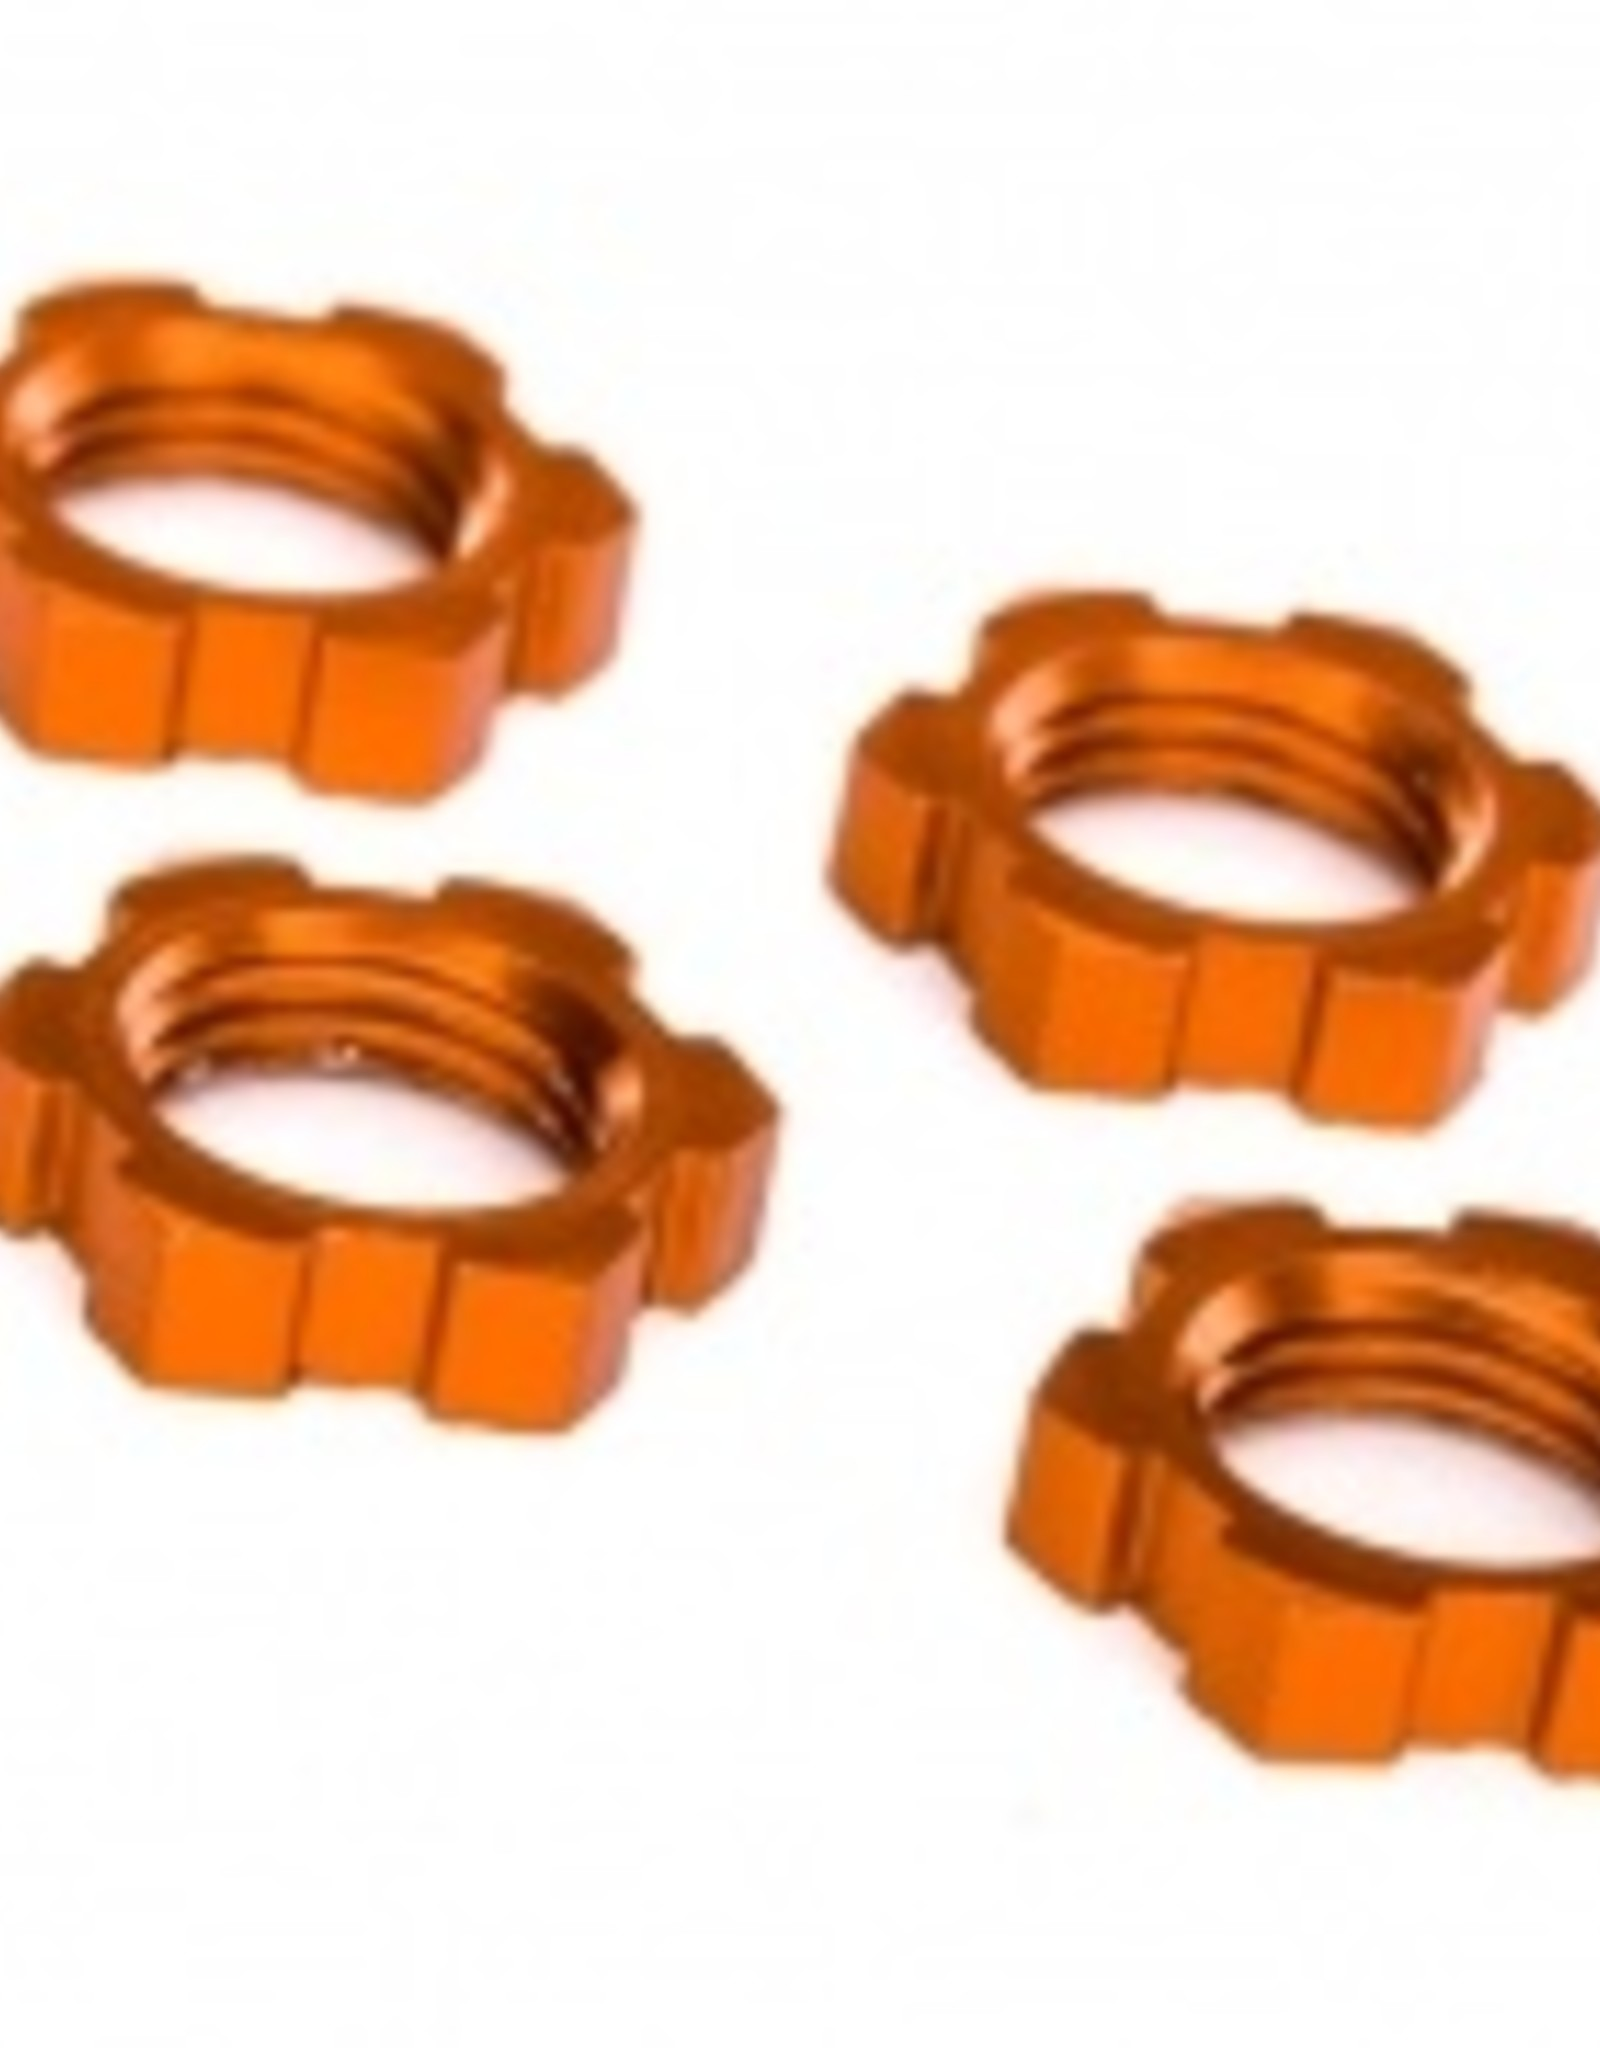 Traxxas Traxxas Wheel nuts, splined, 17mm, serrated (orange-anodized) (4)